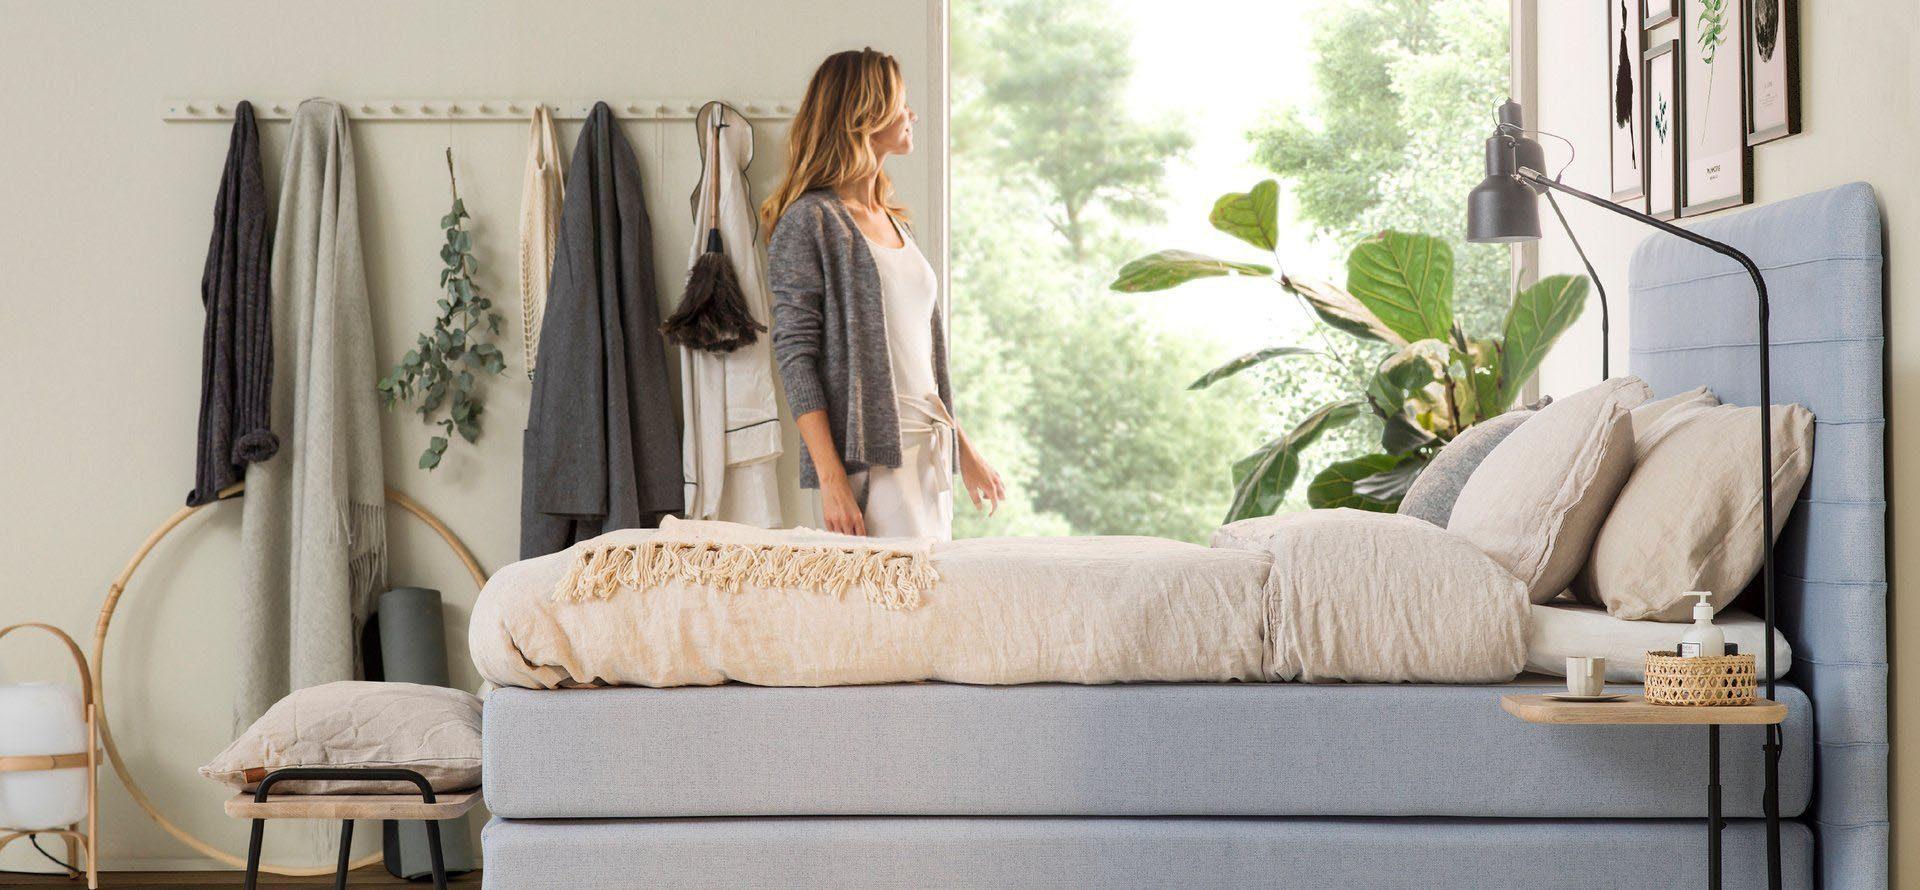 Jensen Portrait sänggavel på en kontinentalsäng.